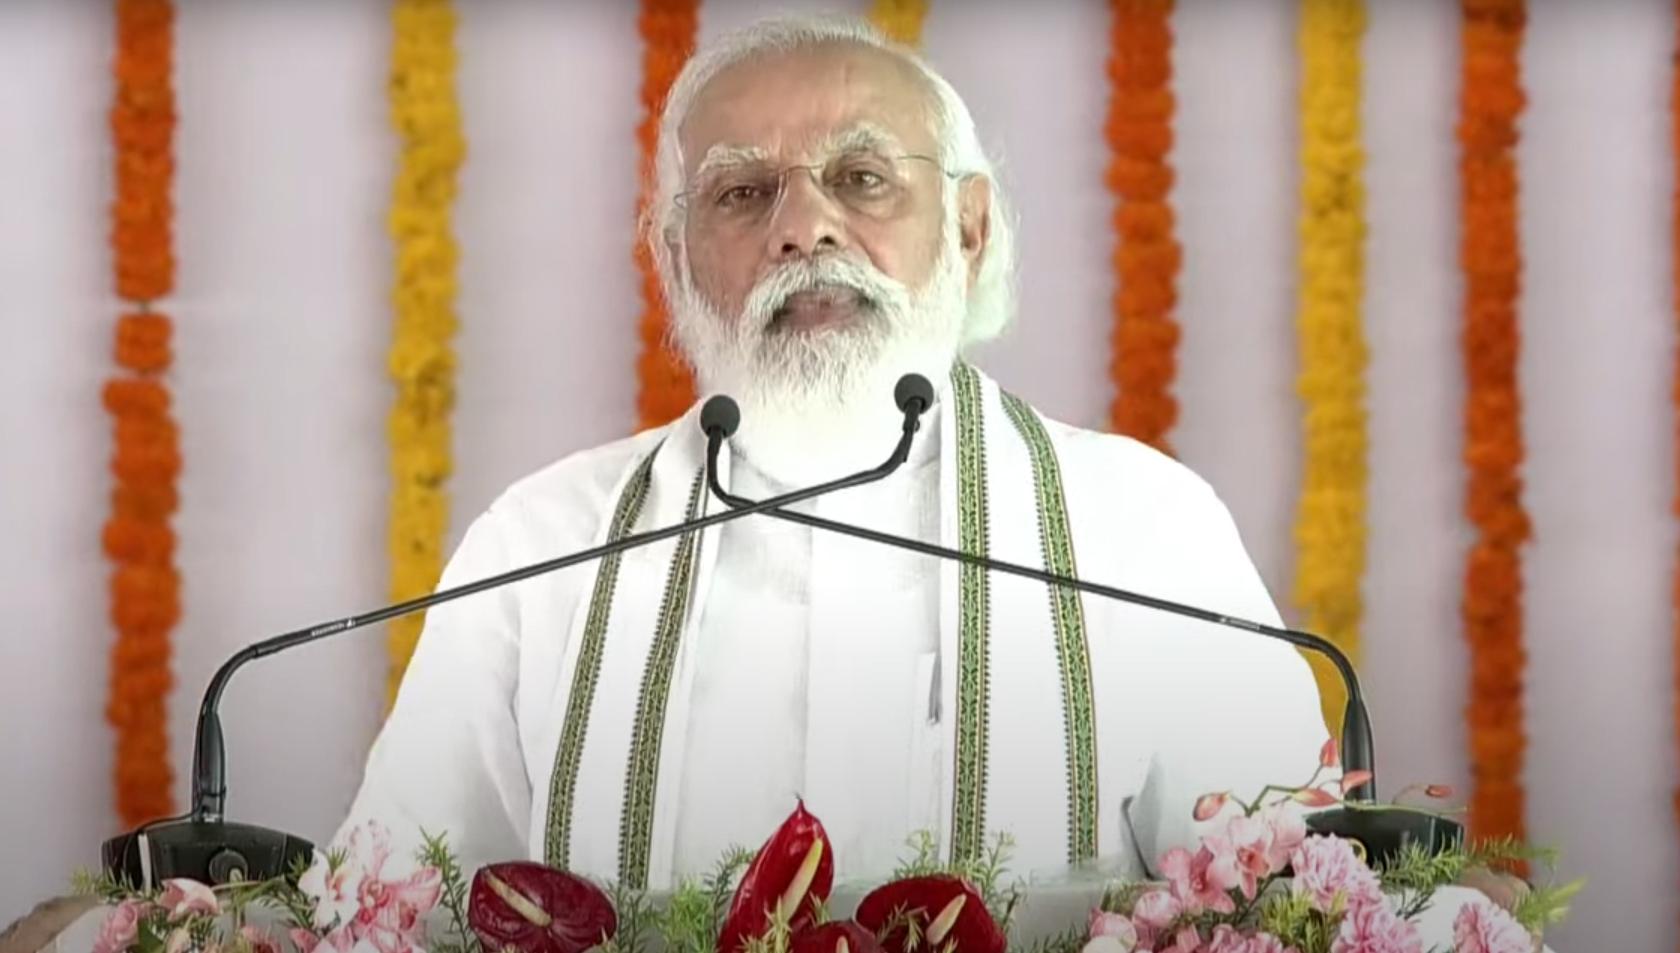 प्रधानमंत्री द्वारा अलीगढ़ में विश्वविद्यालय के शिलान्यास पर अखिलेश का पलटवार